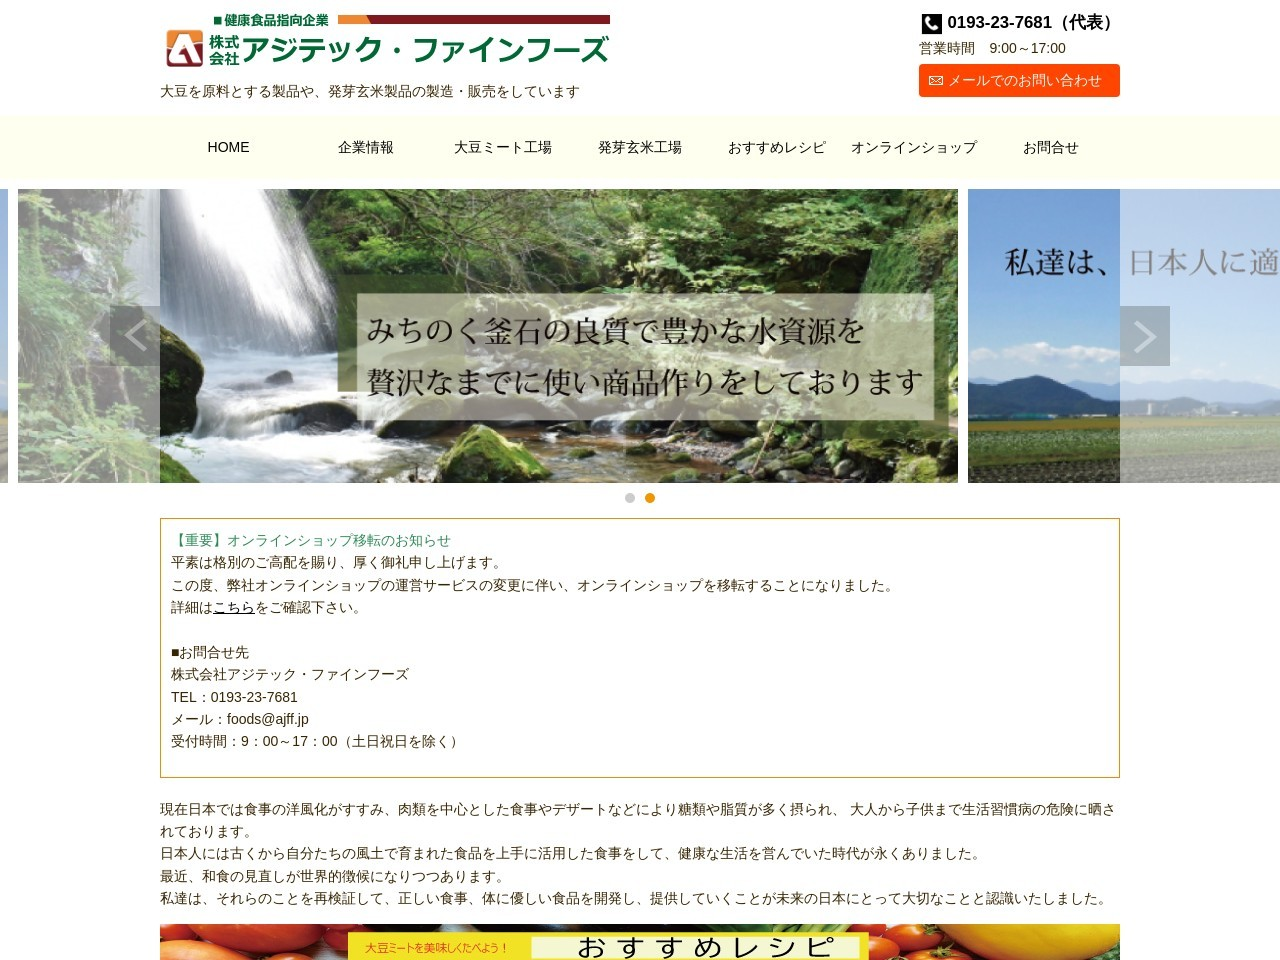 株式会社アジテック・ファインフーズ/大豆蛋白工場